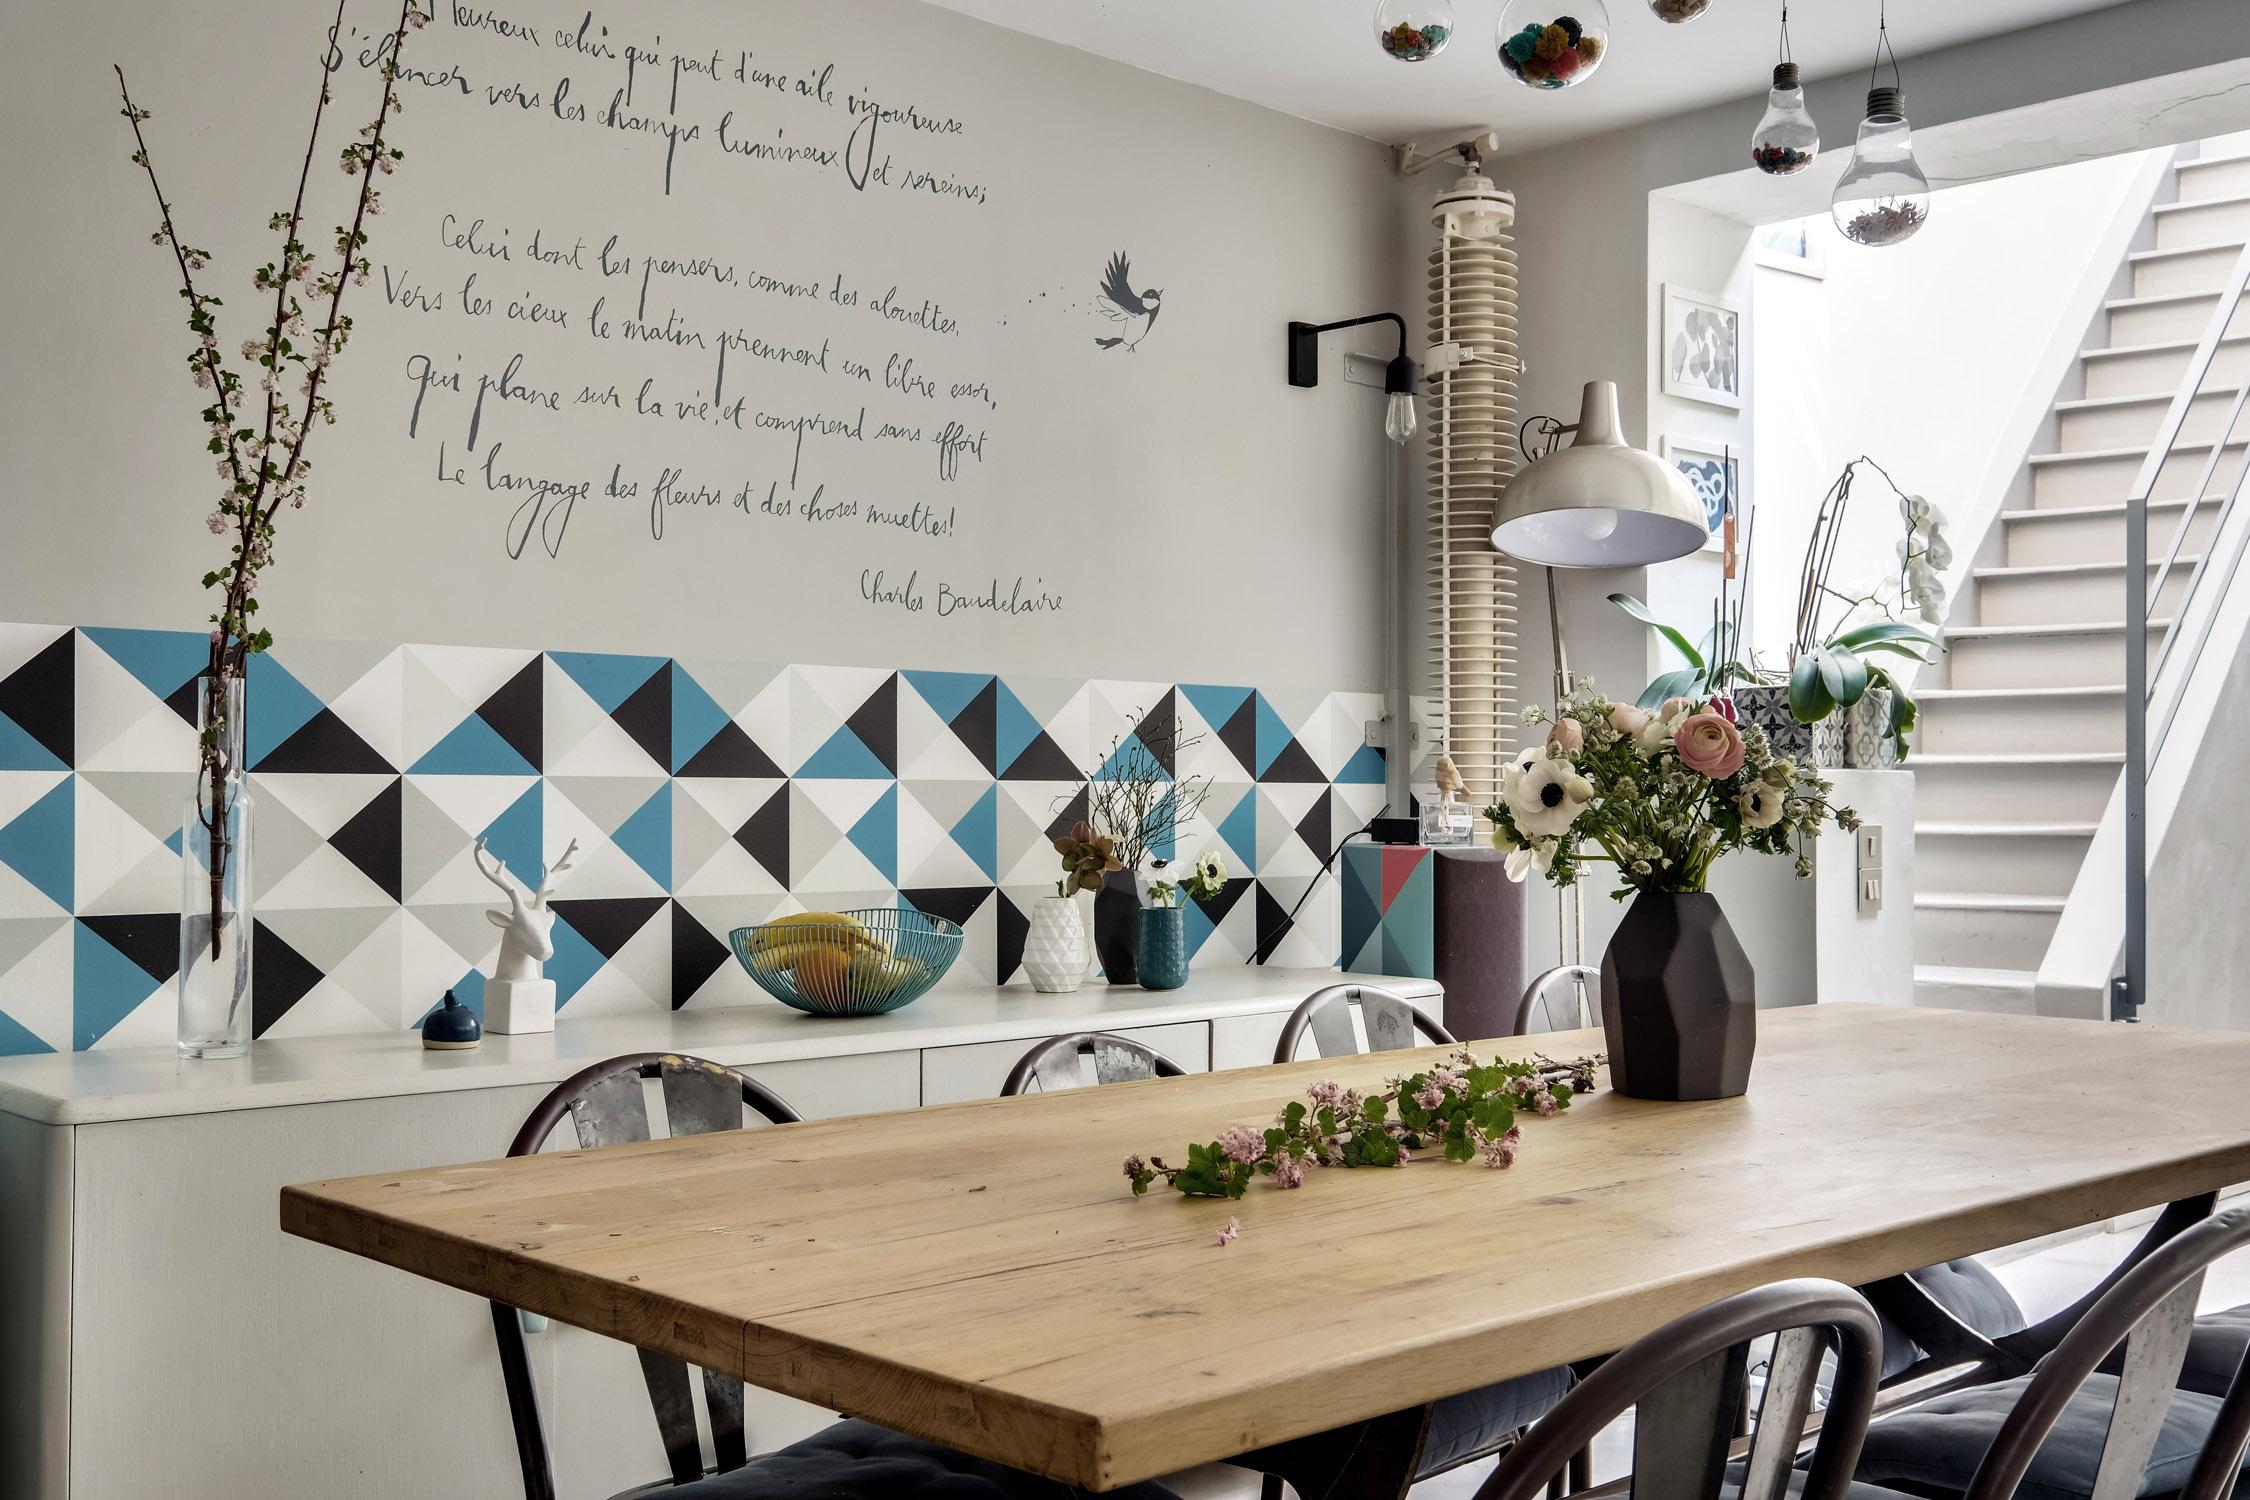 salle à manger table en chêne et papier-peint graphique poème Baudelaire rénovation murs et merveilles